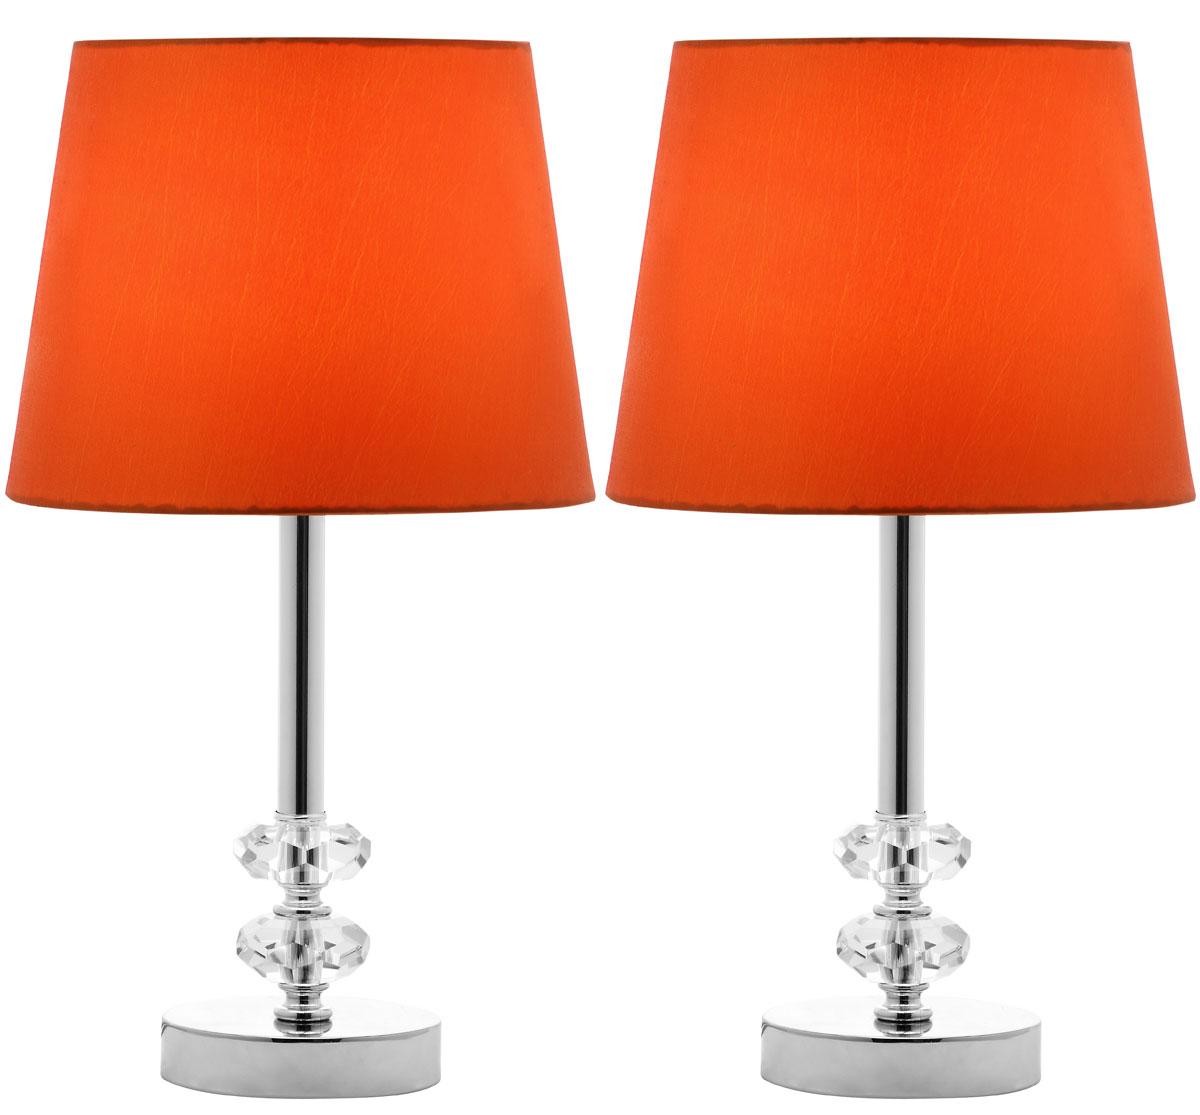 Gray Lamp Shade